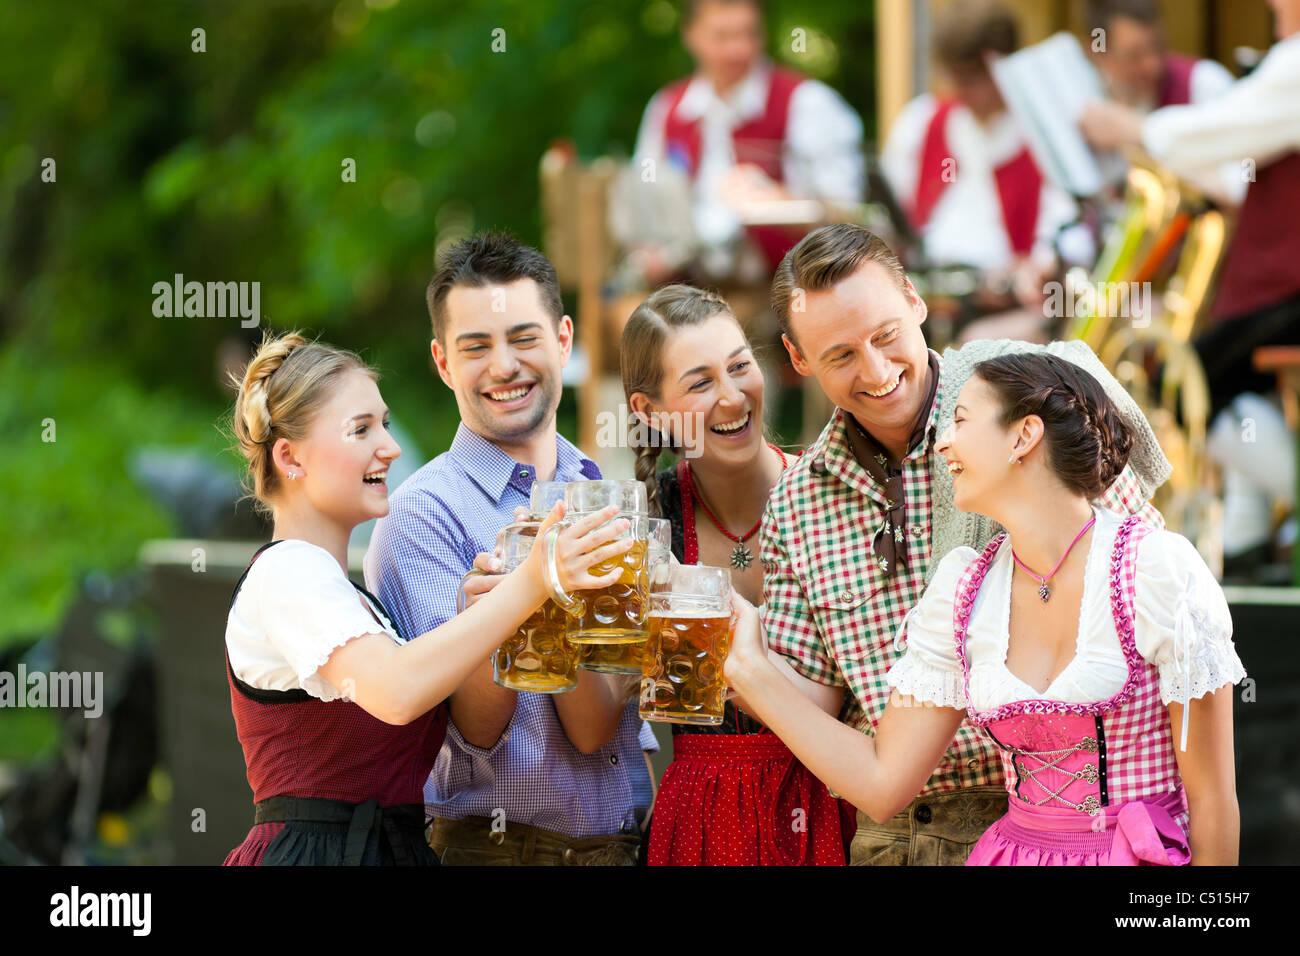 Nel giardino della birra in Baviera, Germania - Amici in Tracht, Dirndl e lederhosen e Dirndl in piedi nella parte anteriore del nastro Foto Stock